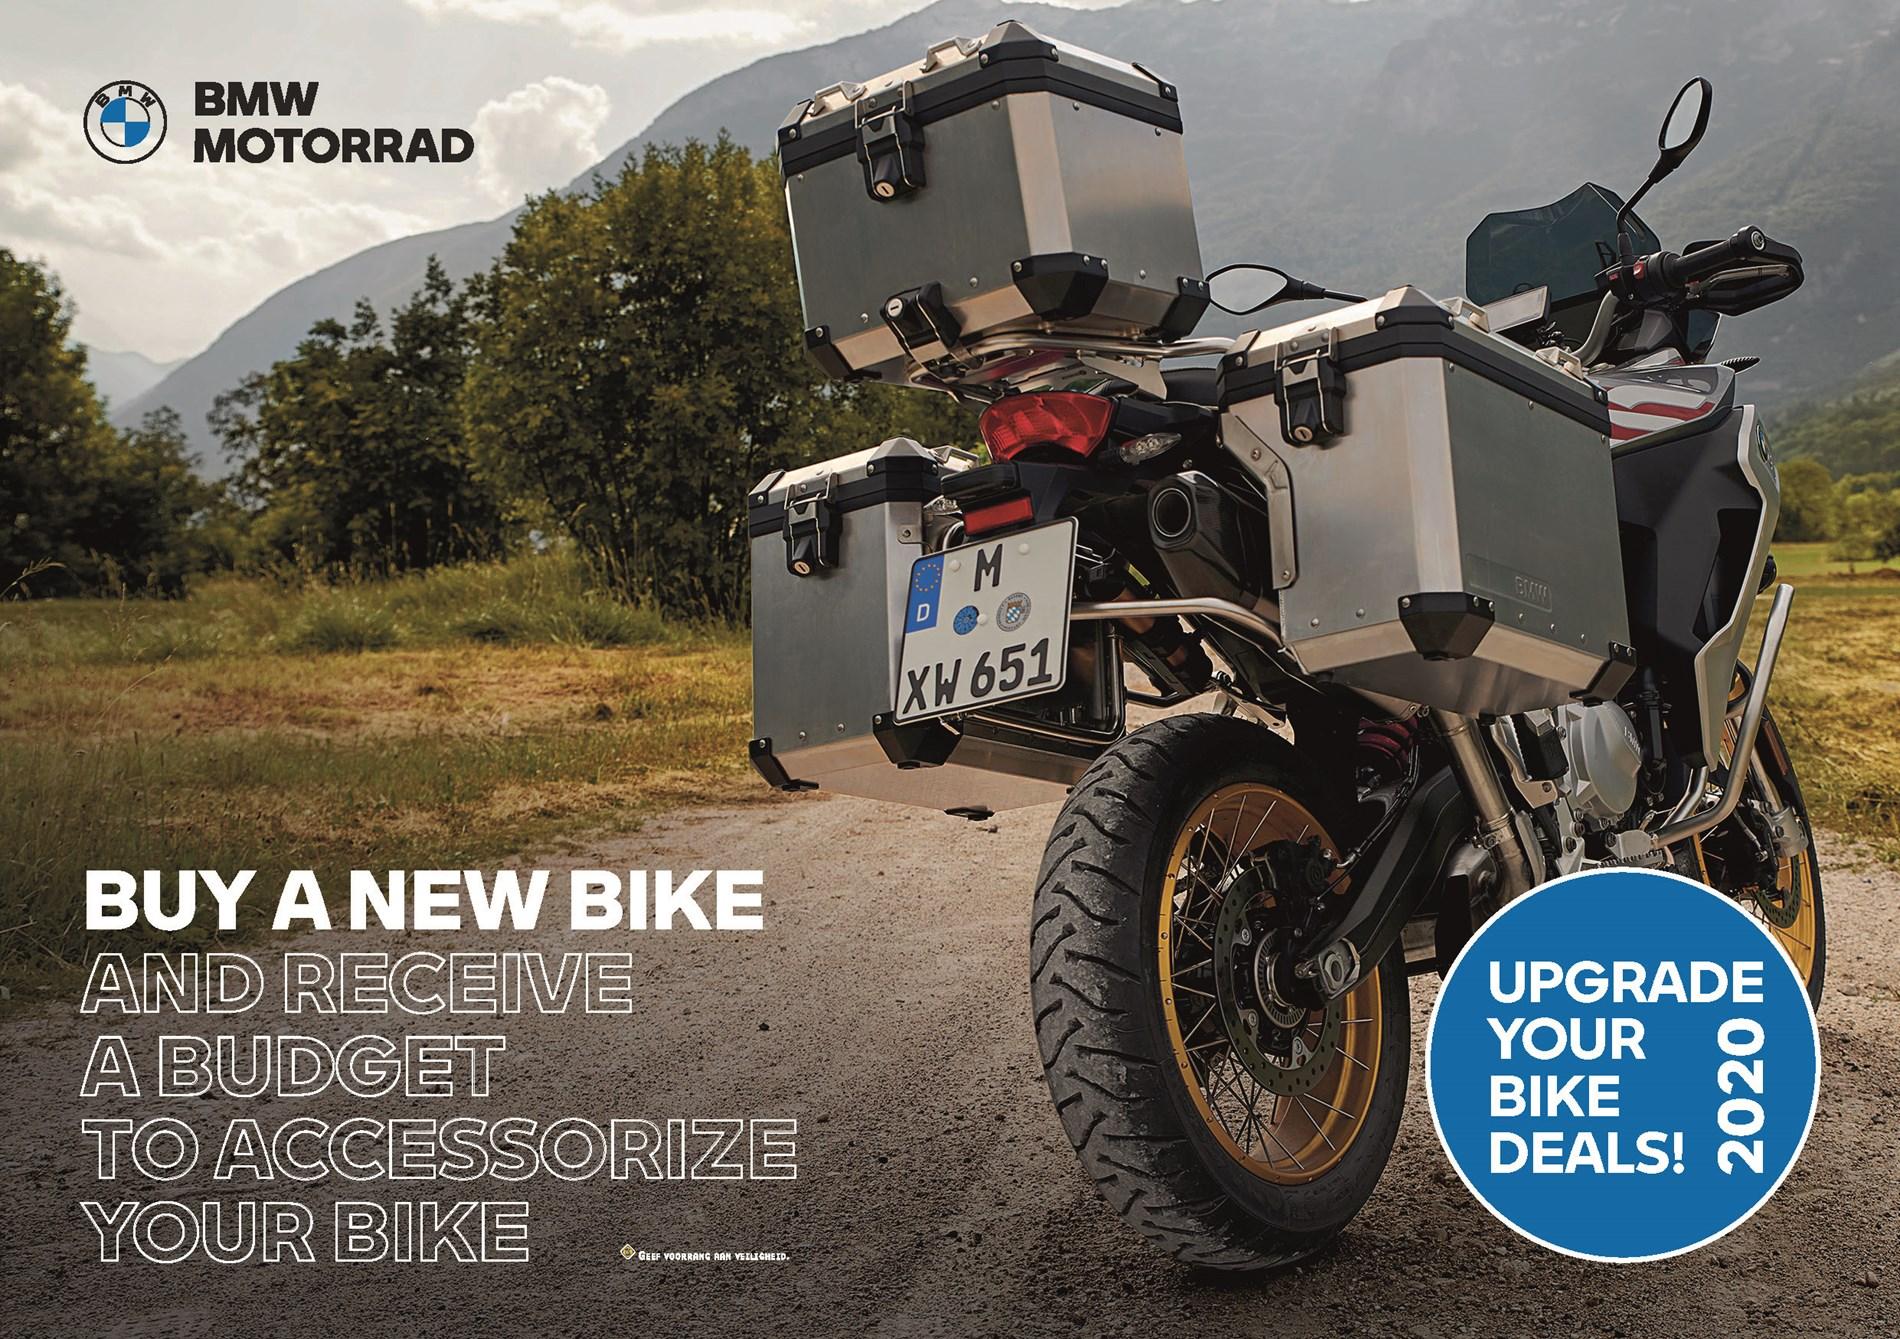 BMW MOTORRAD UPGRADE YOUR BIKE DEALS 2020.